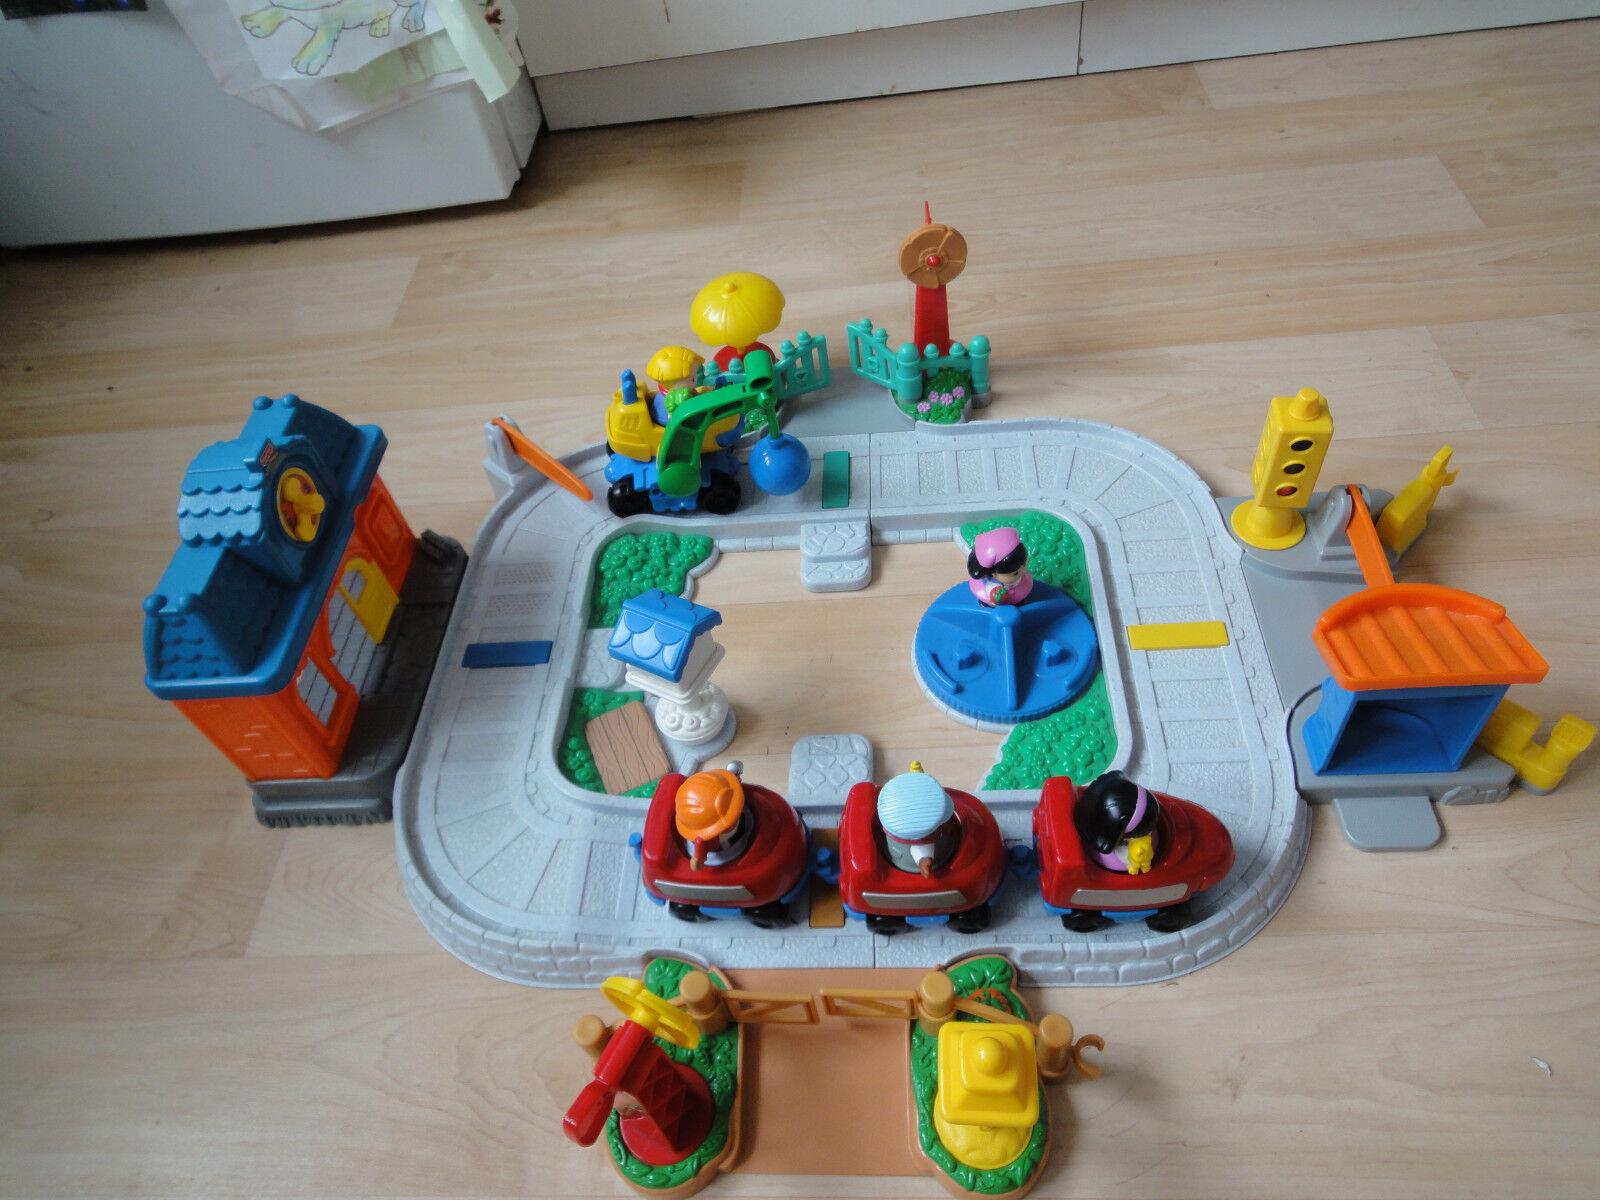 Fisher Price Little People geräusche Eisenbahn Zug mit Bagger